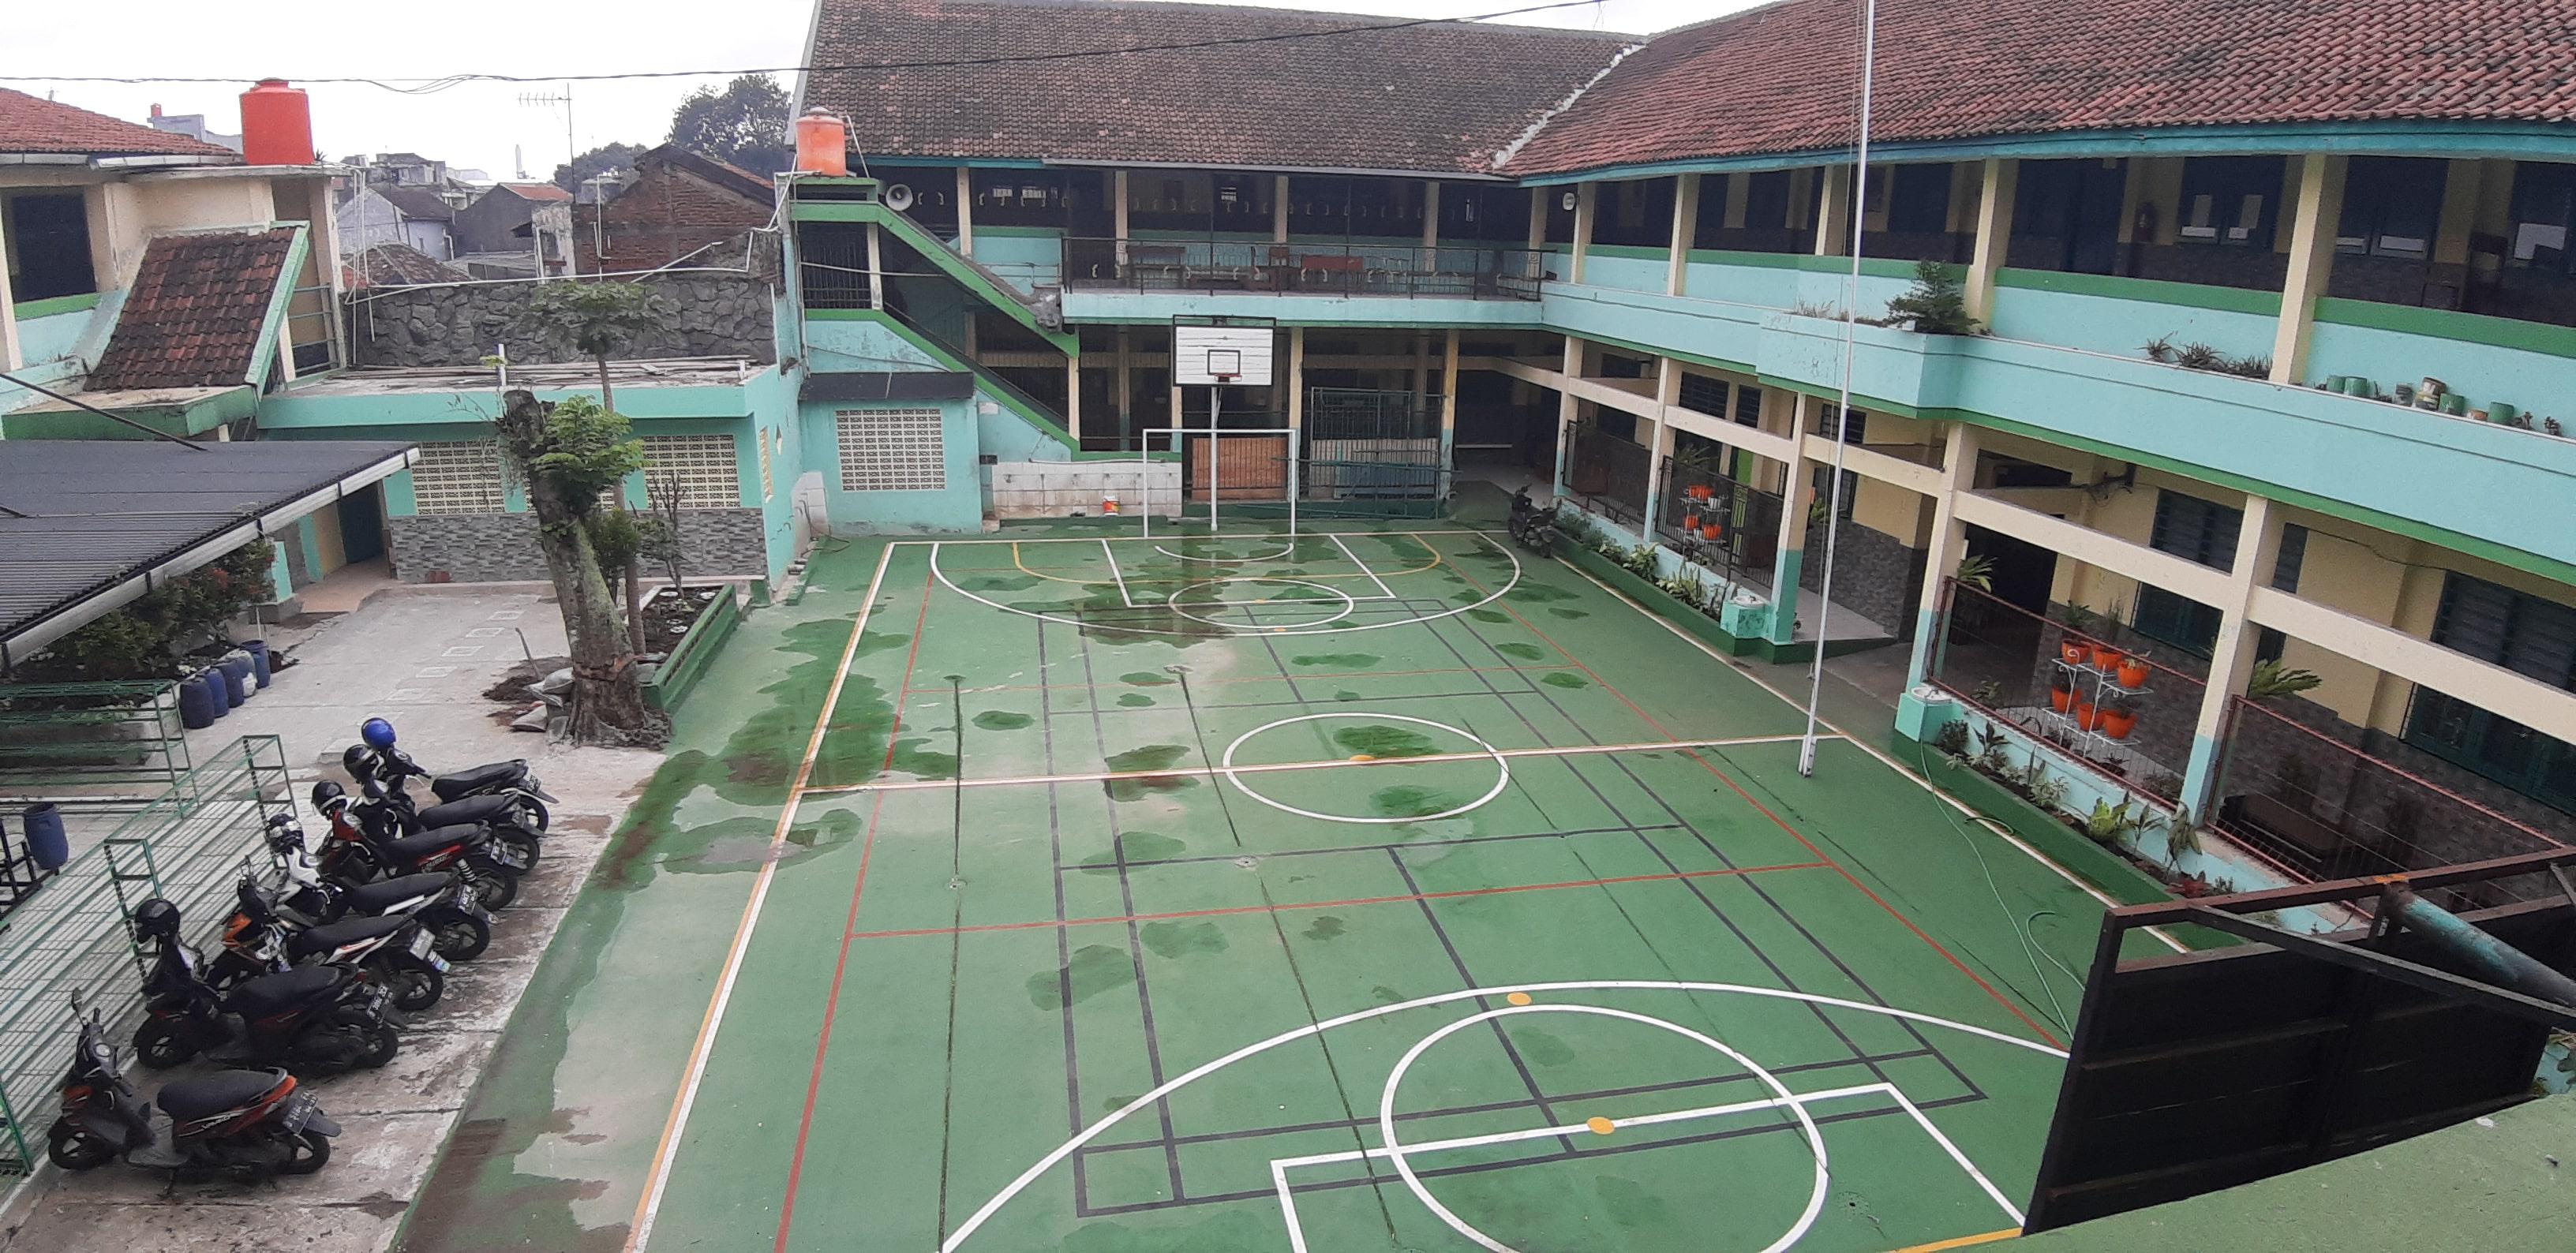 Kondisi Lapangan sekolah saat vandemi